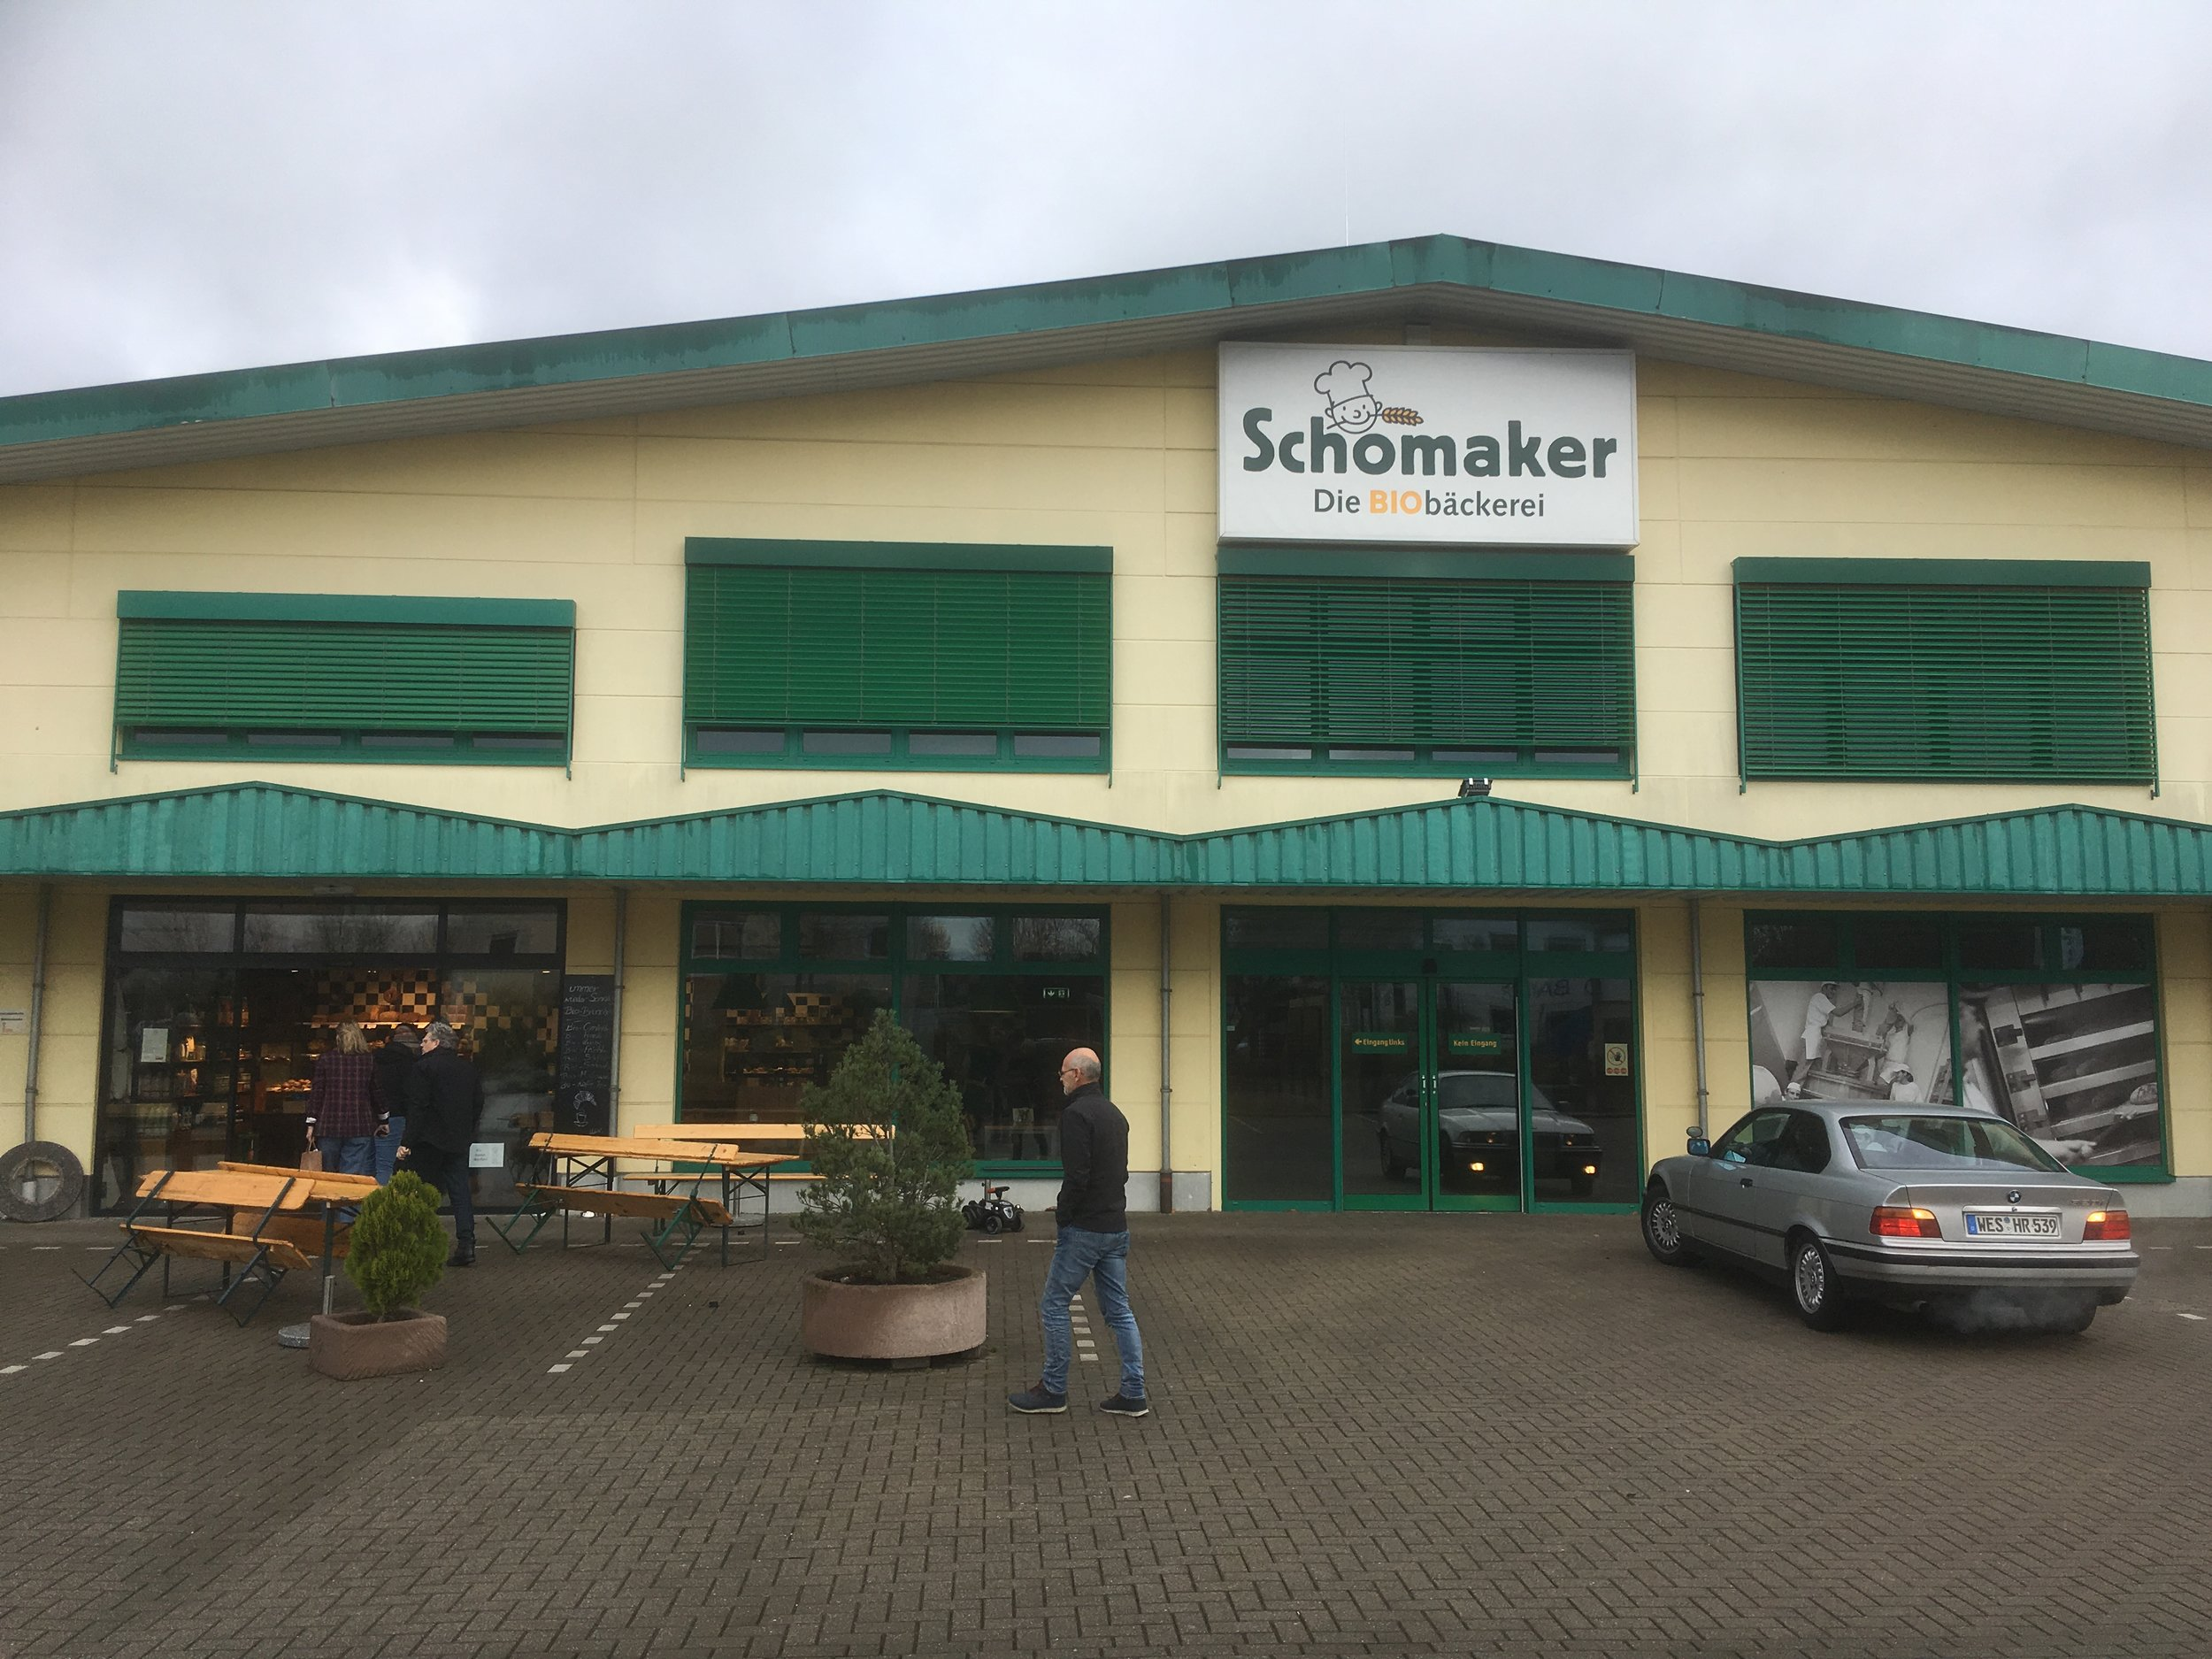 Bakkerij Schomaker in Neukirchen-Vluyn